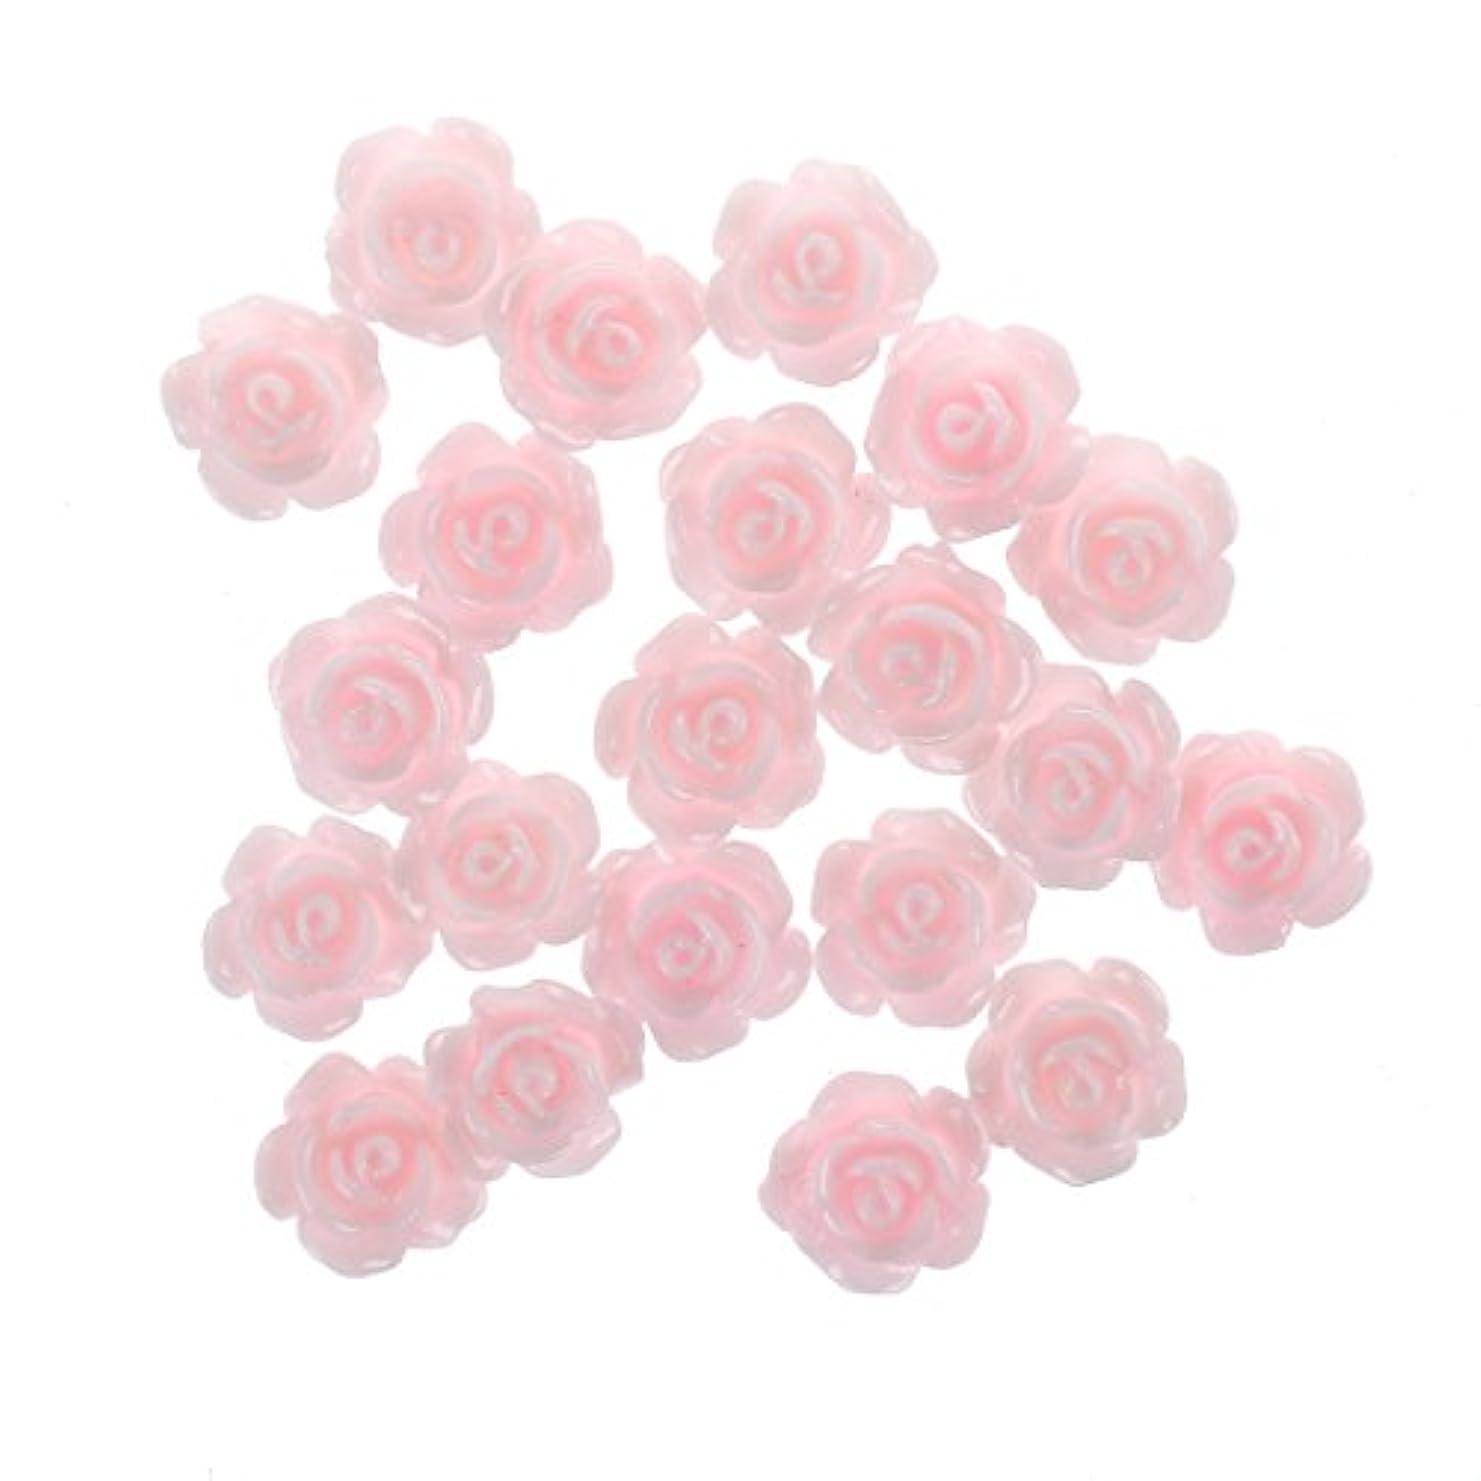 ラテン郊外シエスタGaoominy 20x3Dピンクの小さいバラ ラインストーン付きネイルアート装飾